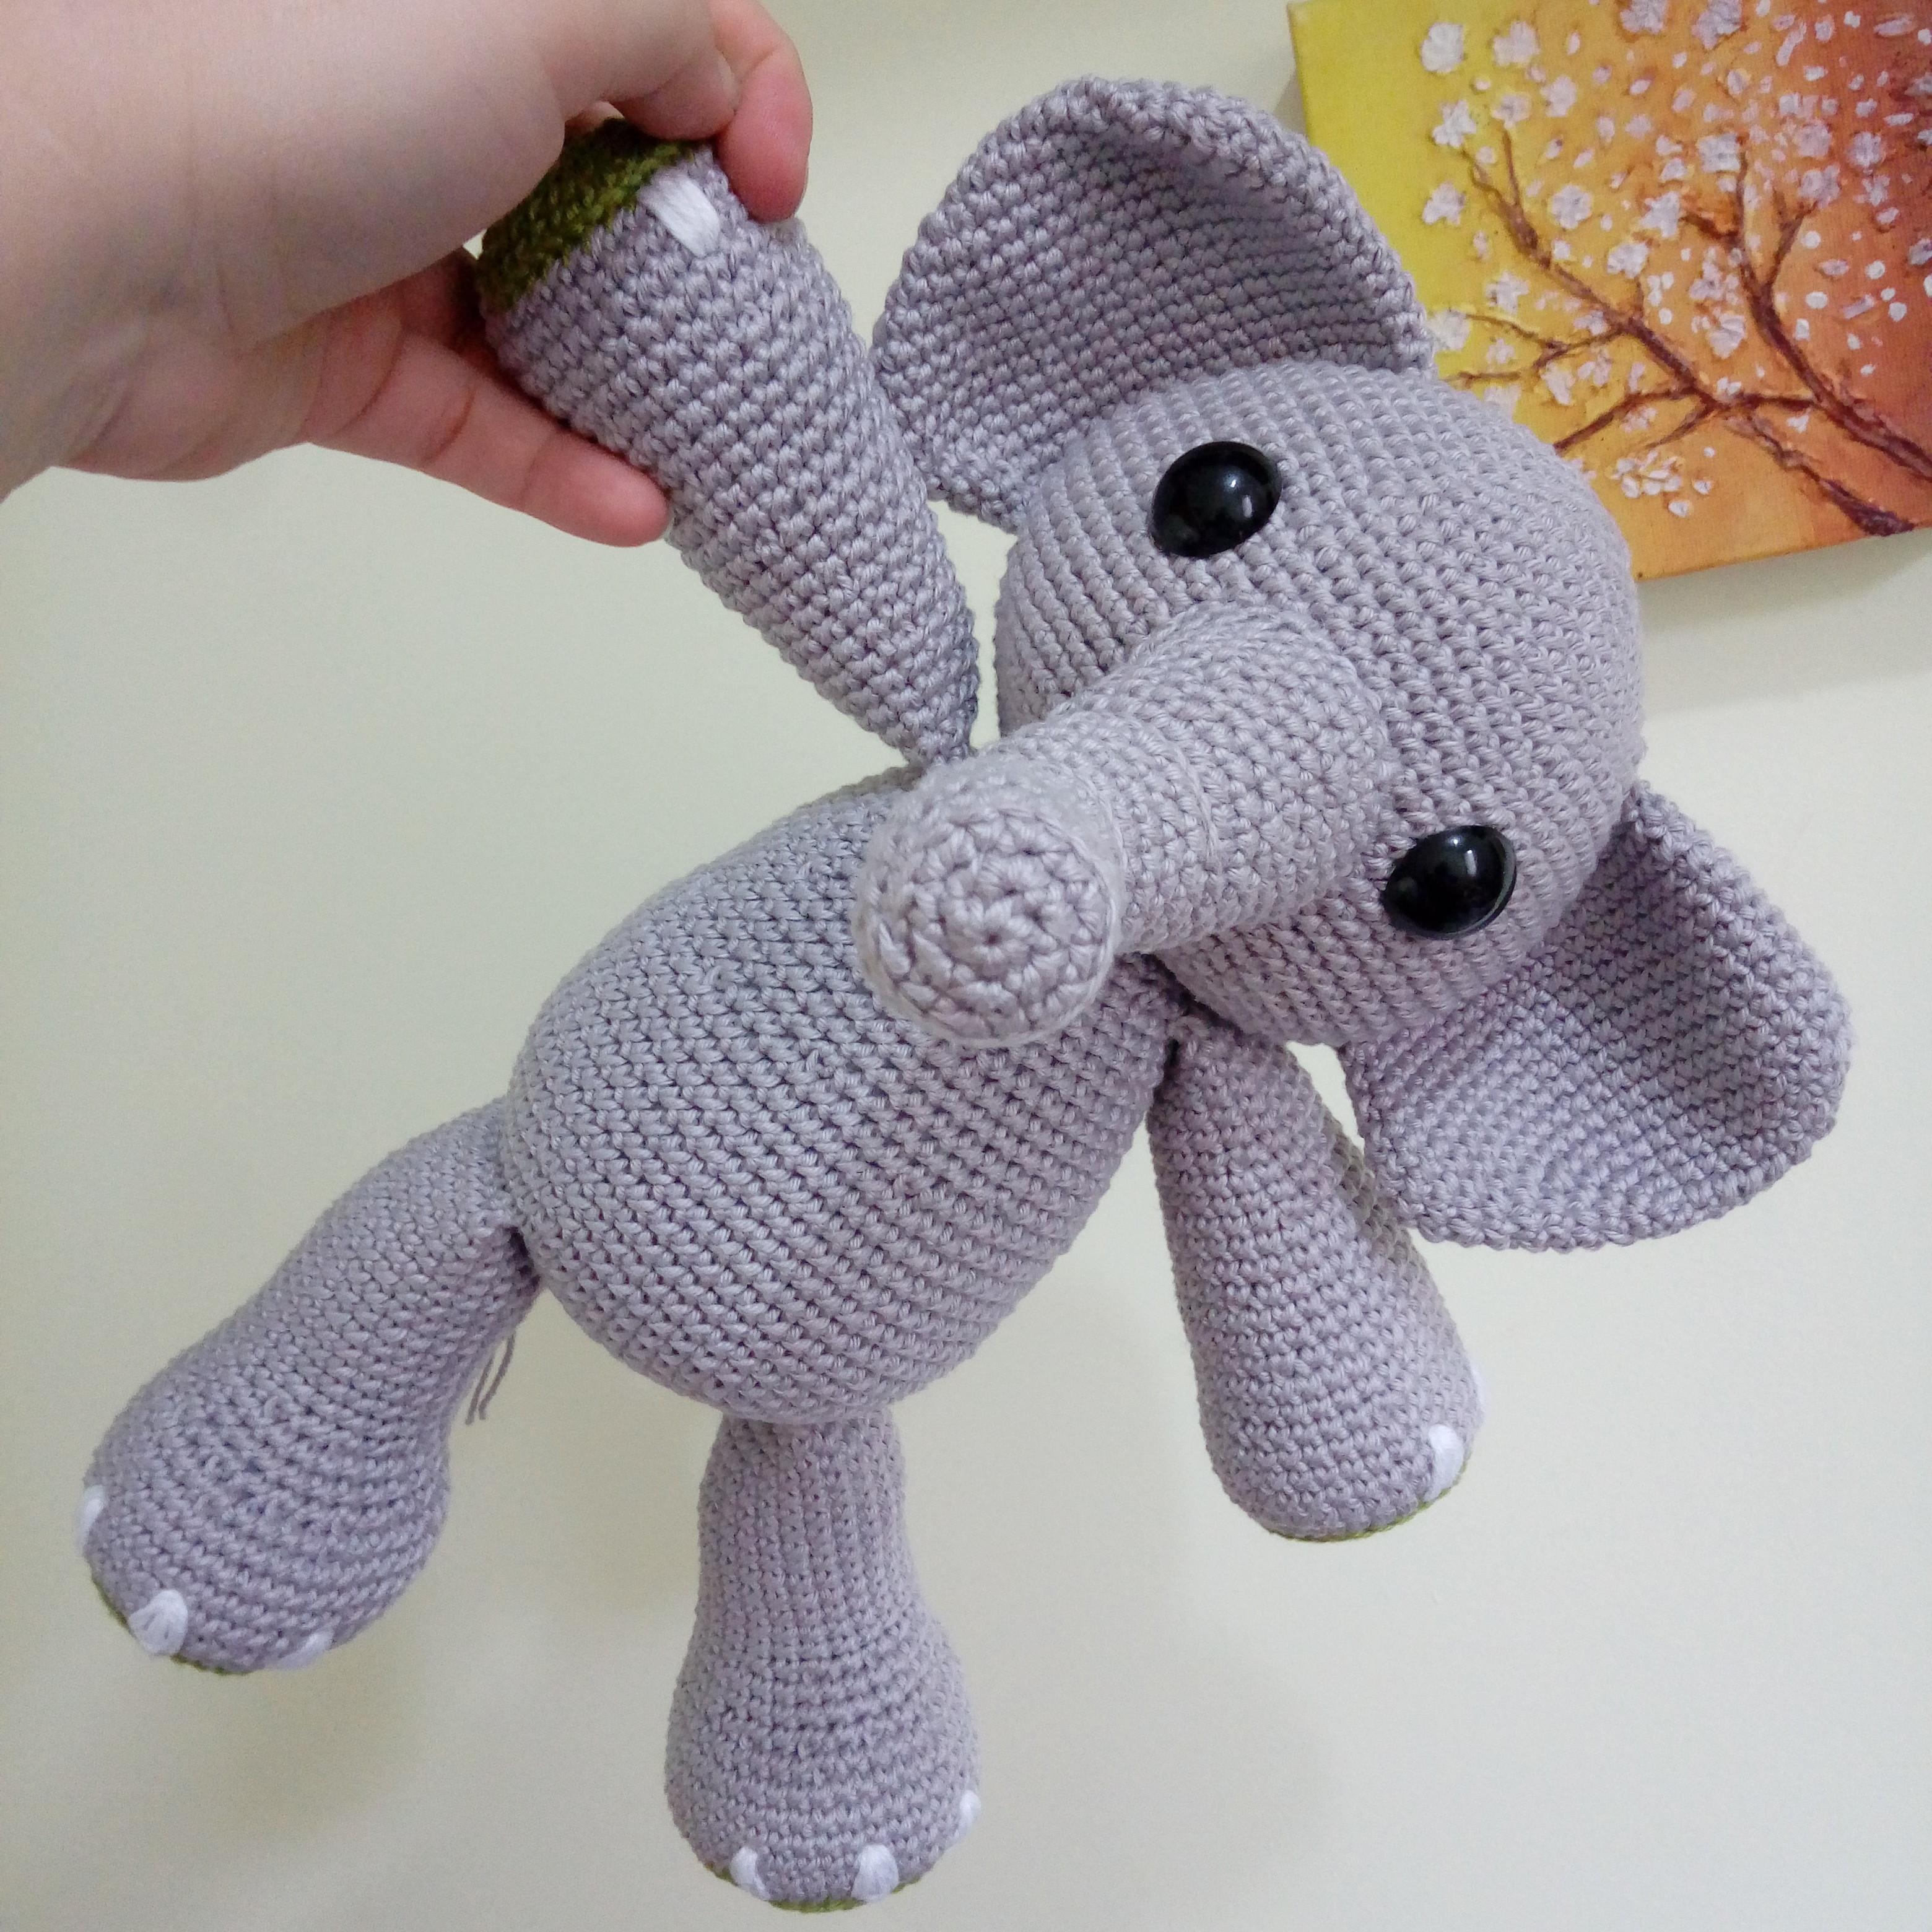 Elefante Elefantinho Ursinho Amigurumi Em Crochê Barato - R$ 69,90 em  Mercado Livre | 3120x3120